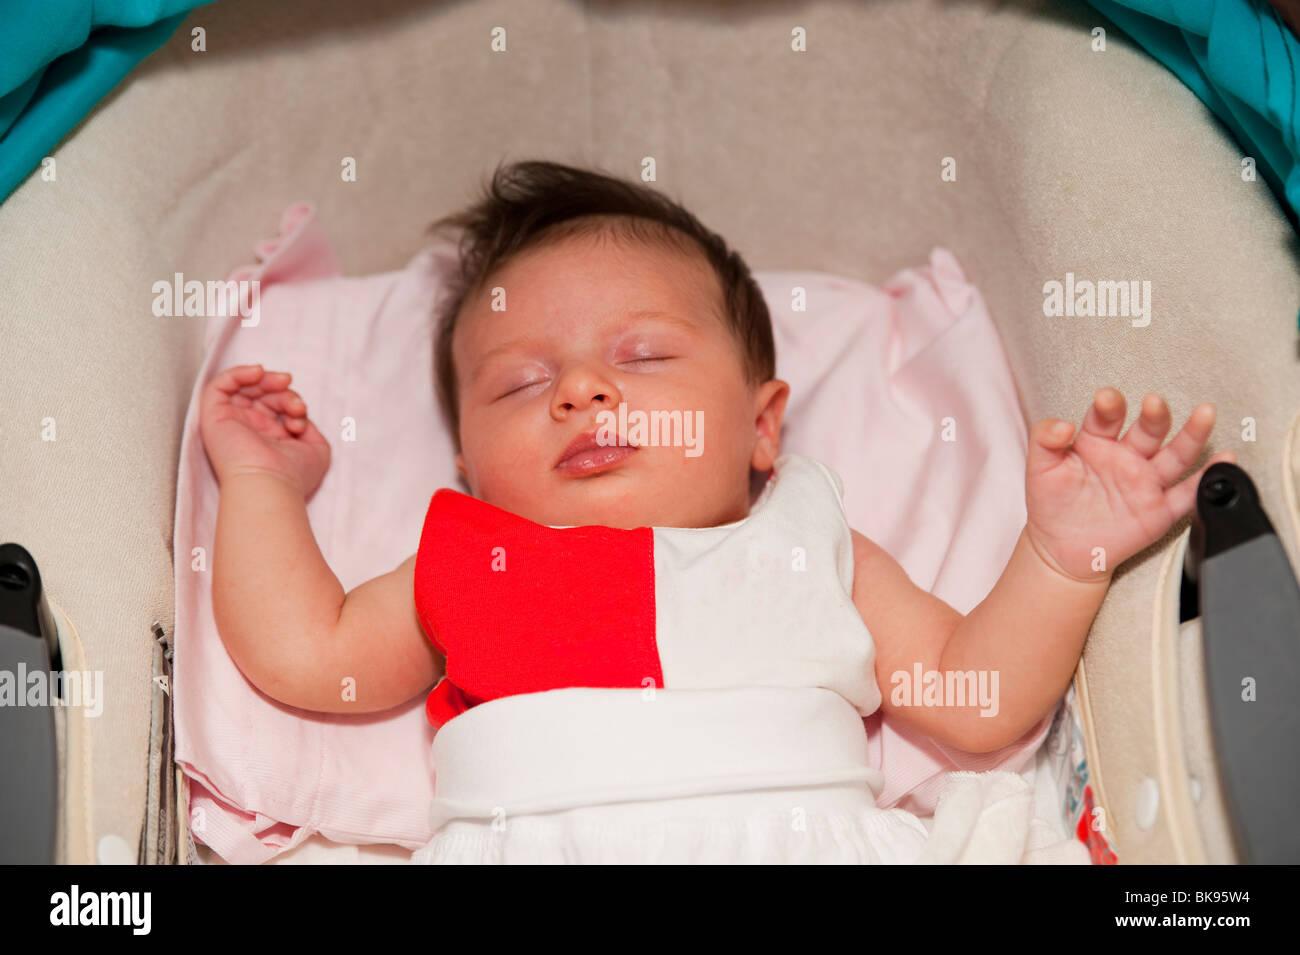 Réflexe de Moro. Bébé endormi Photo Stock